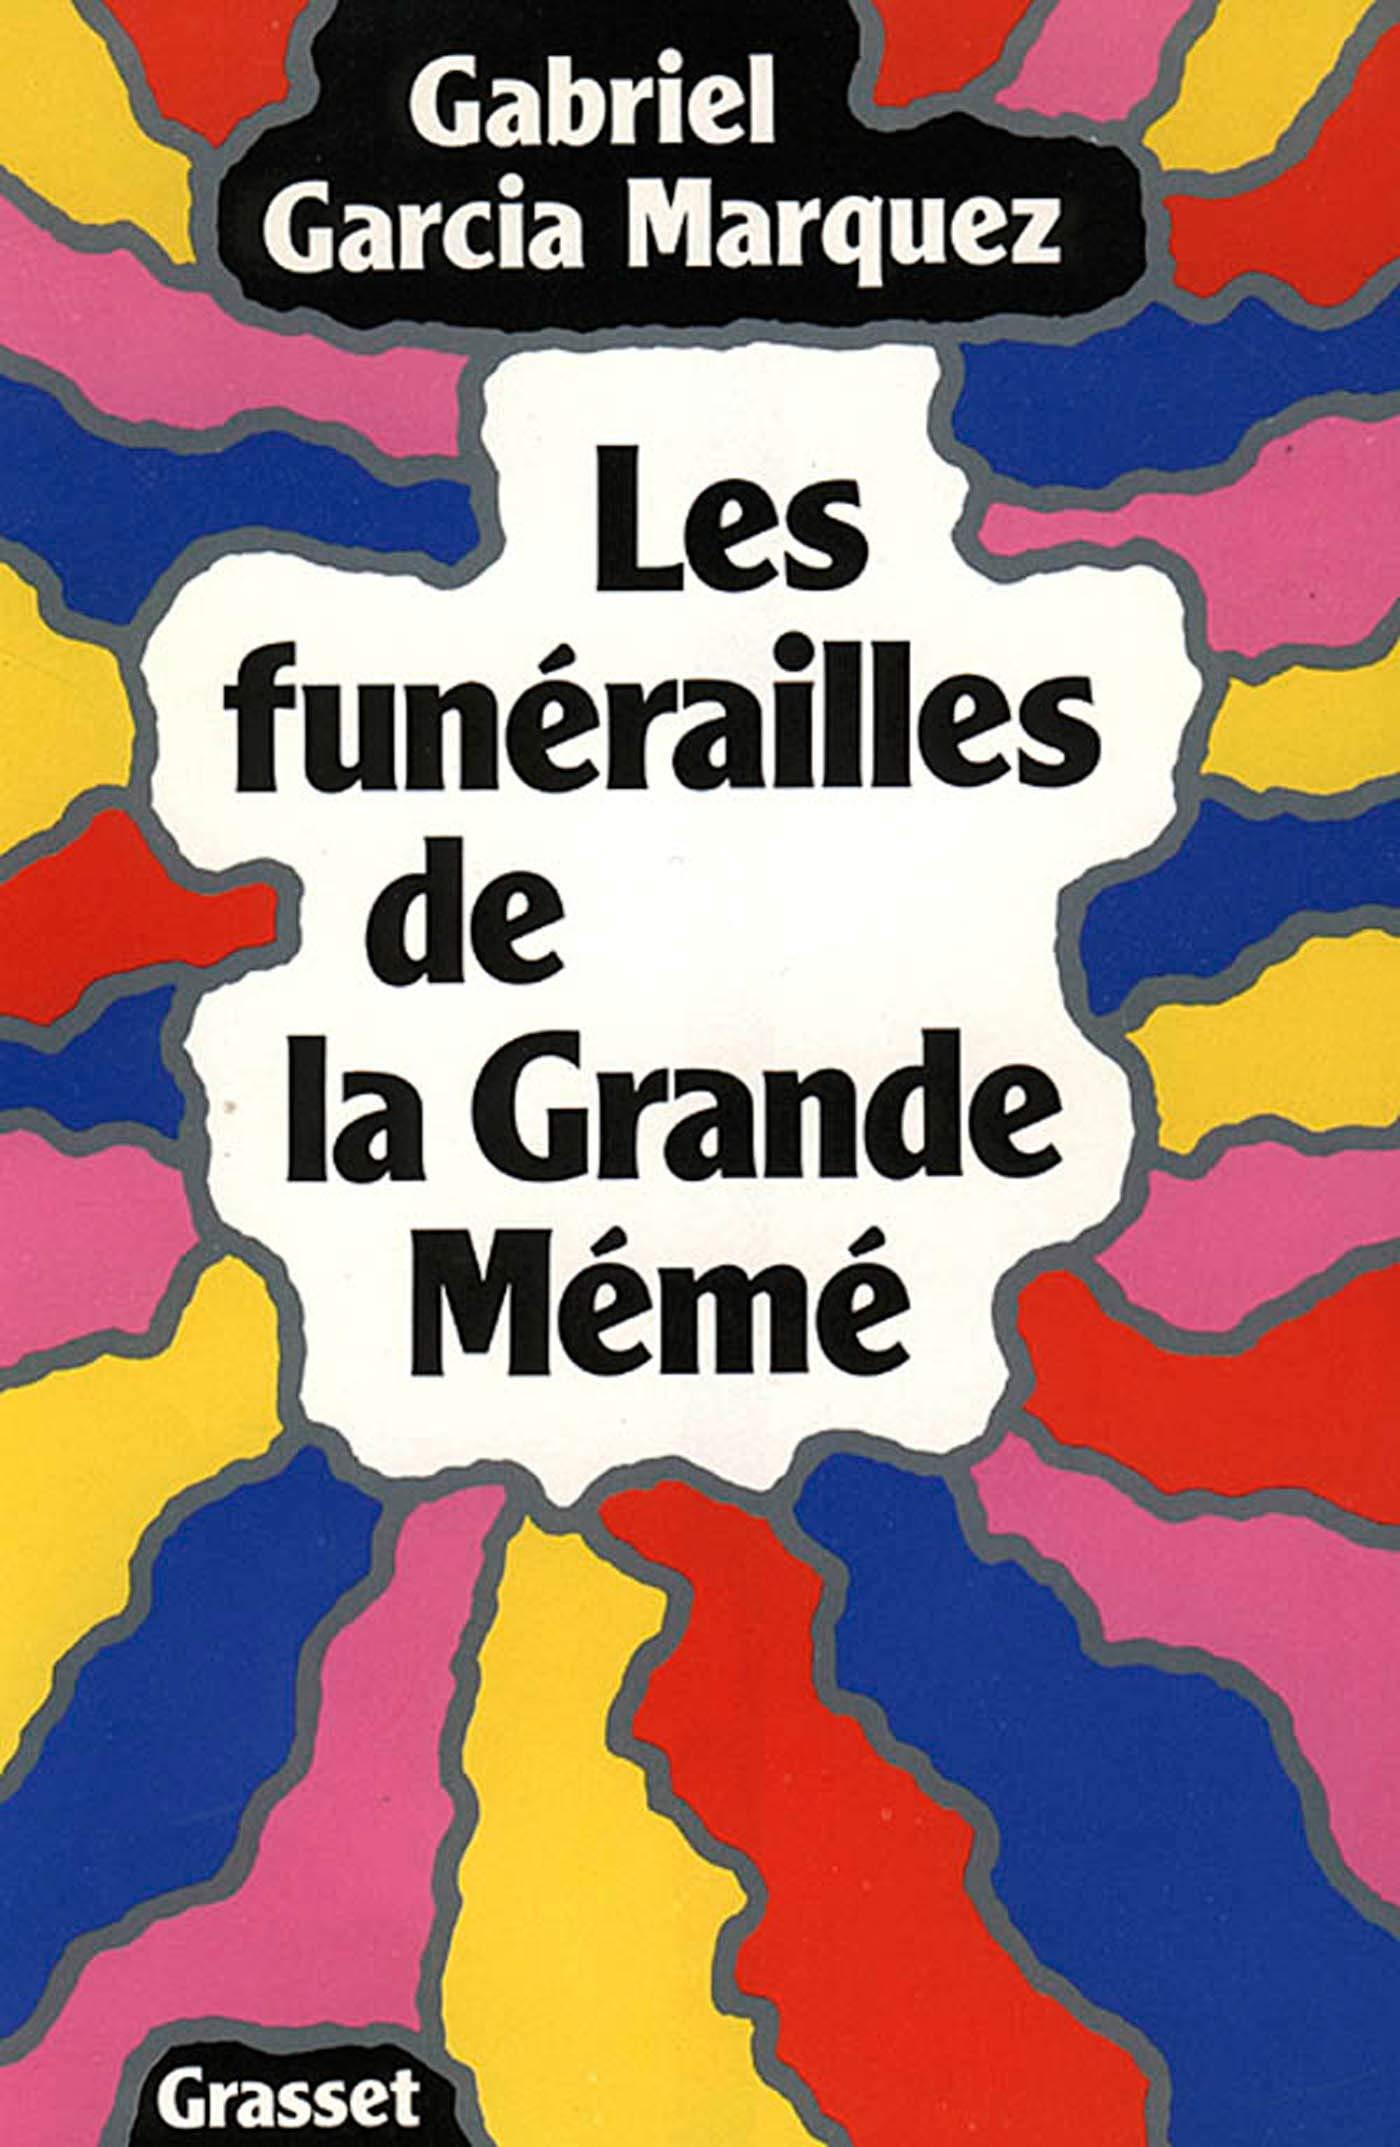 Les funerailles de la grande mémé